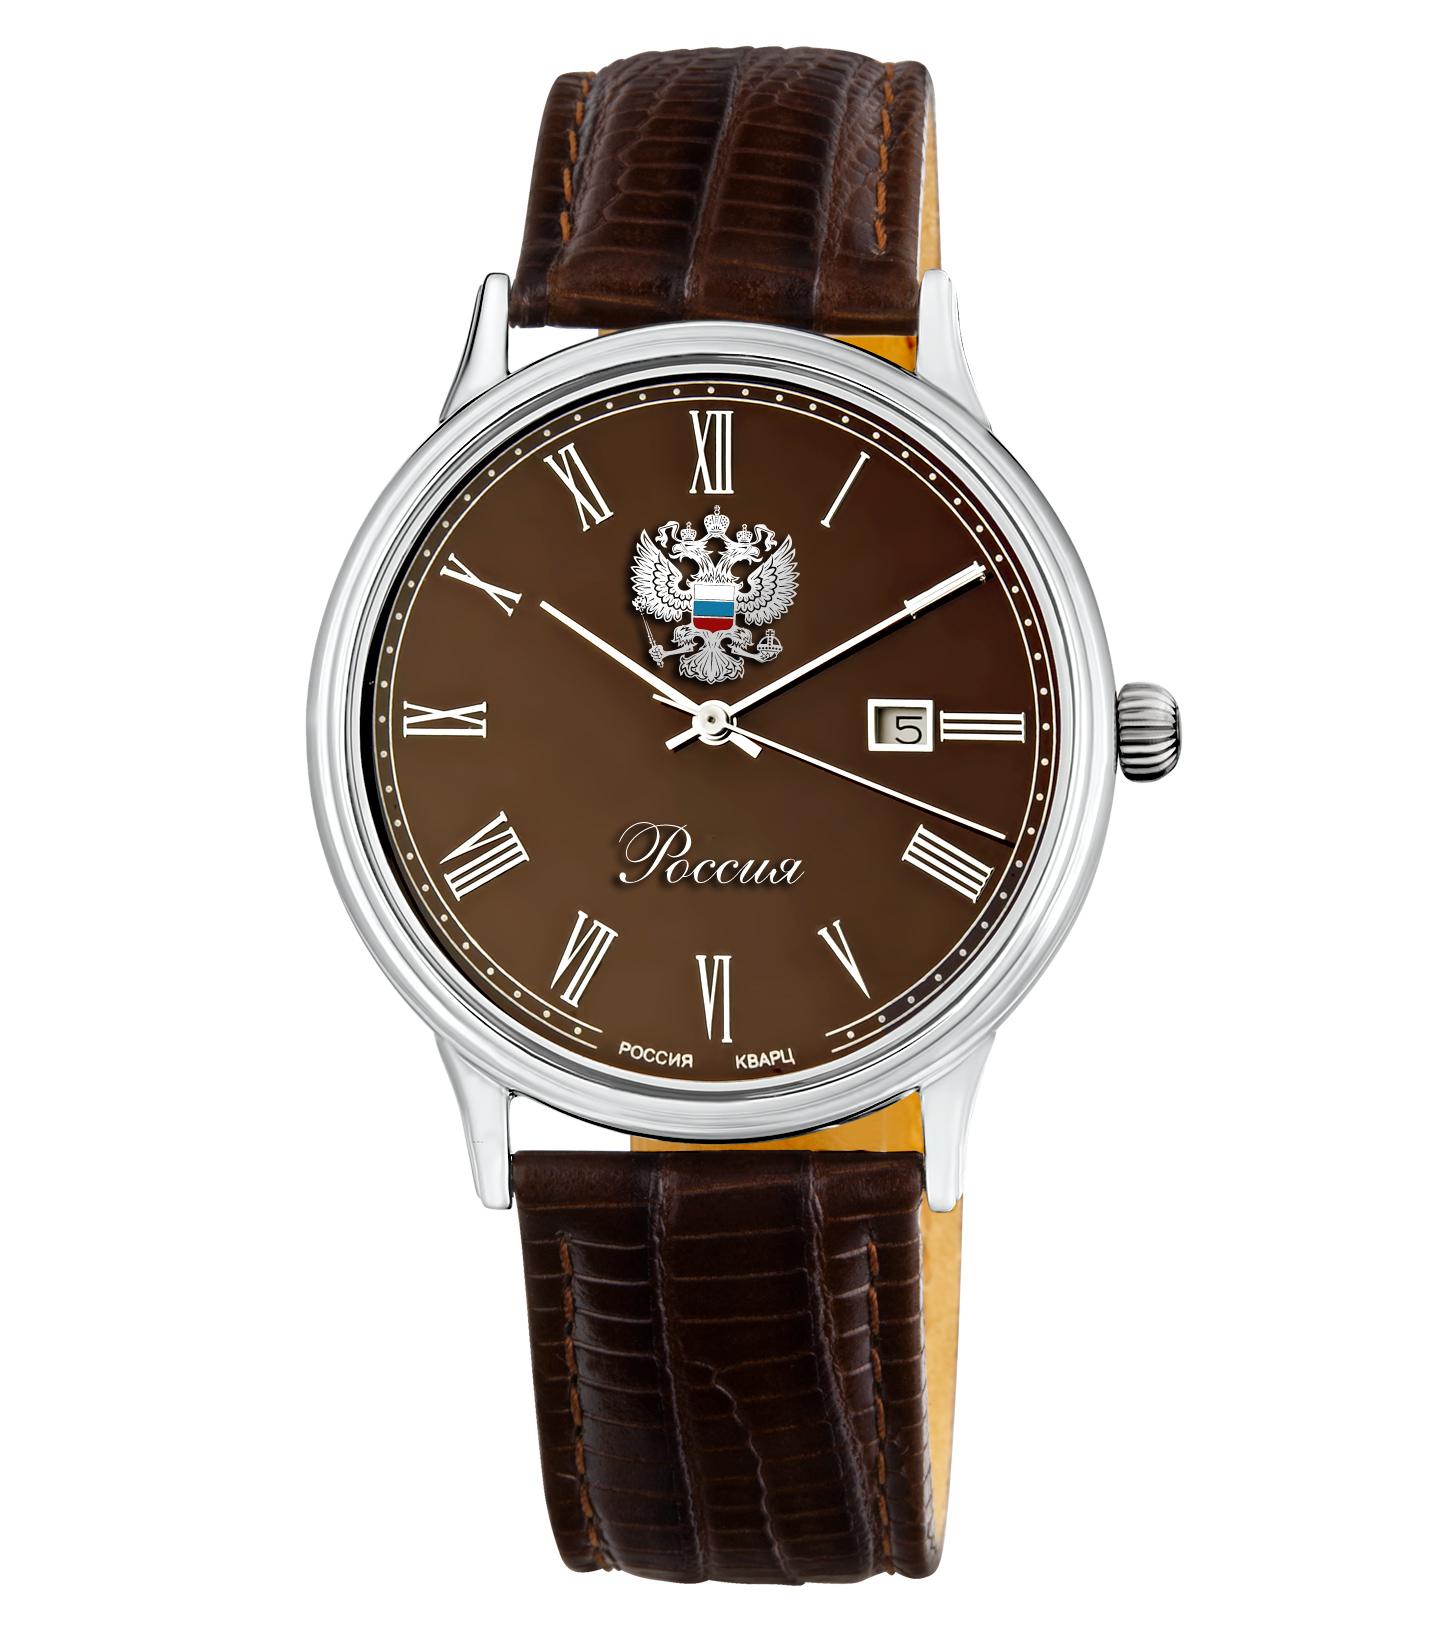 Наручные часы «восток » являются одними из самых компактных и красивых моделей отечественного производителя.